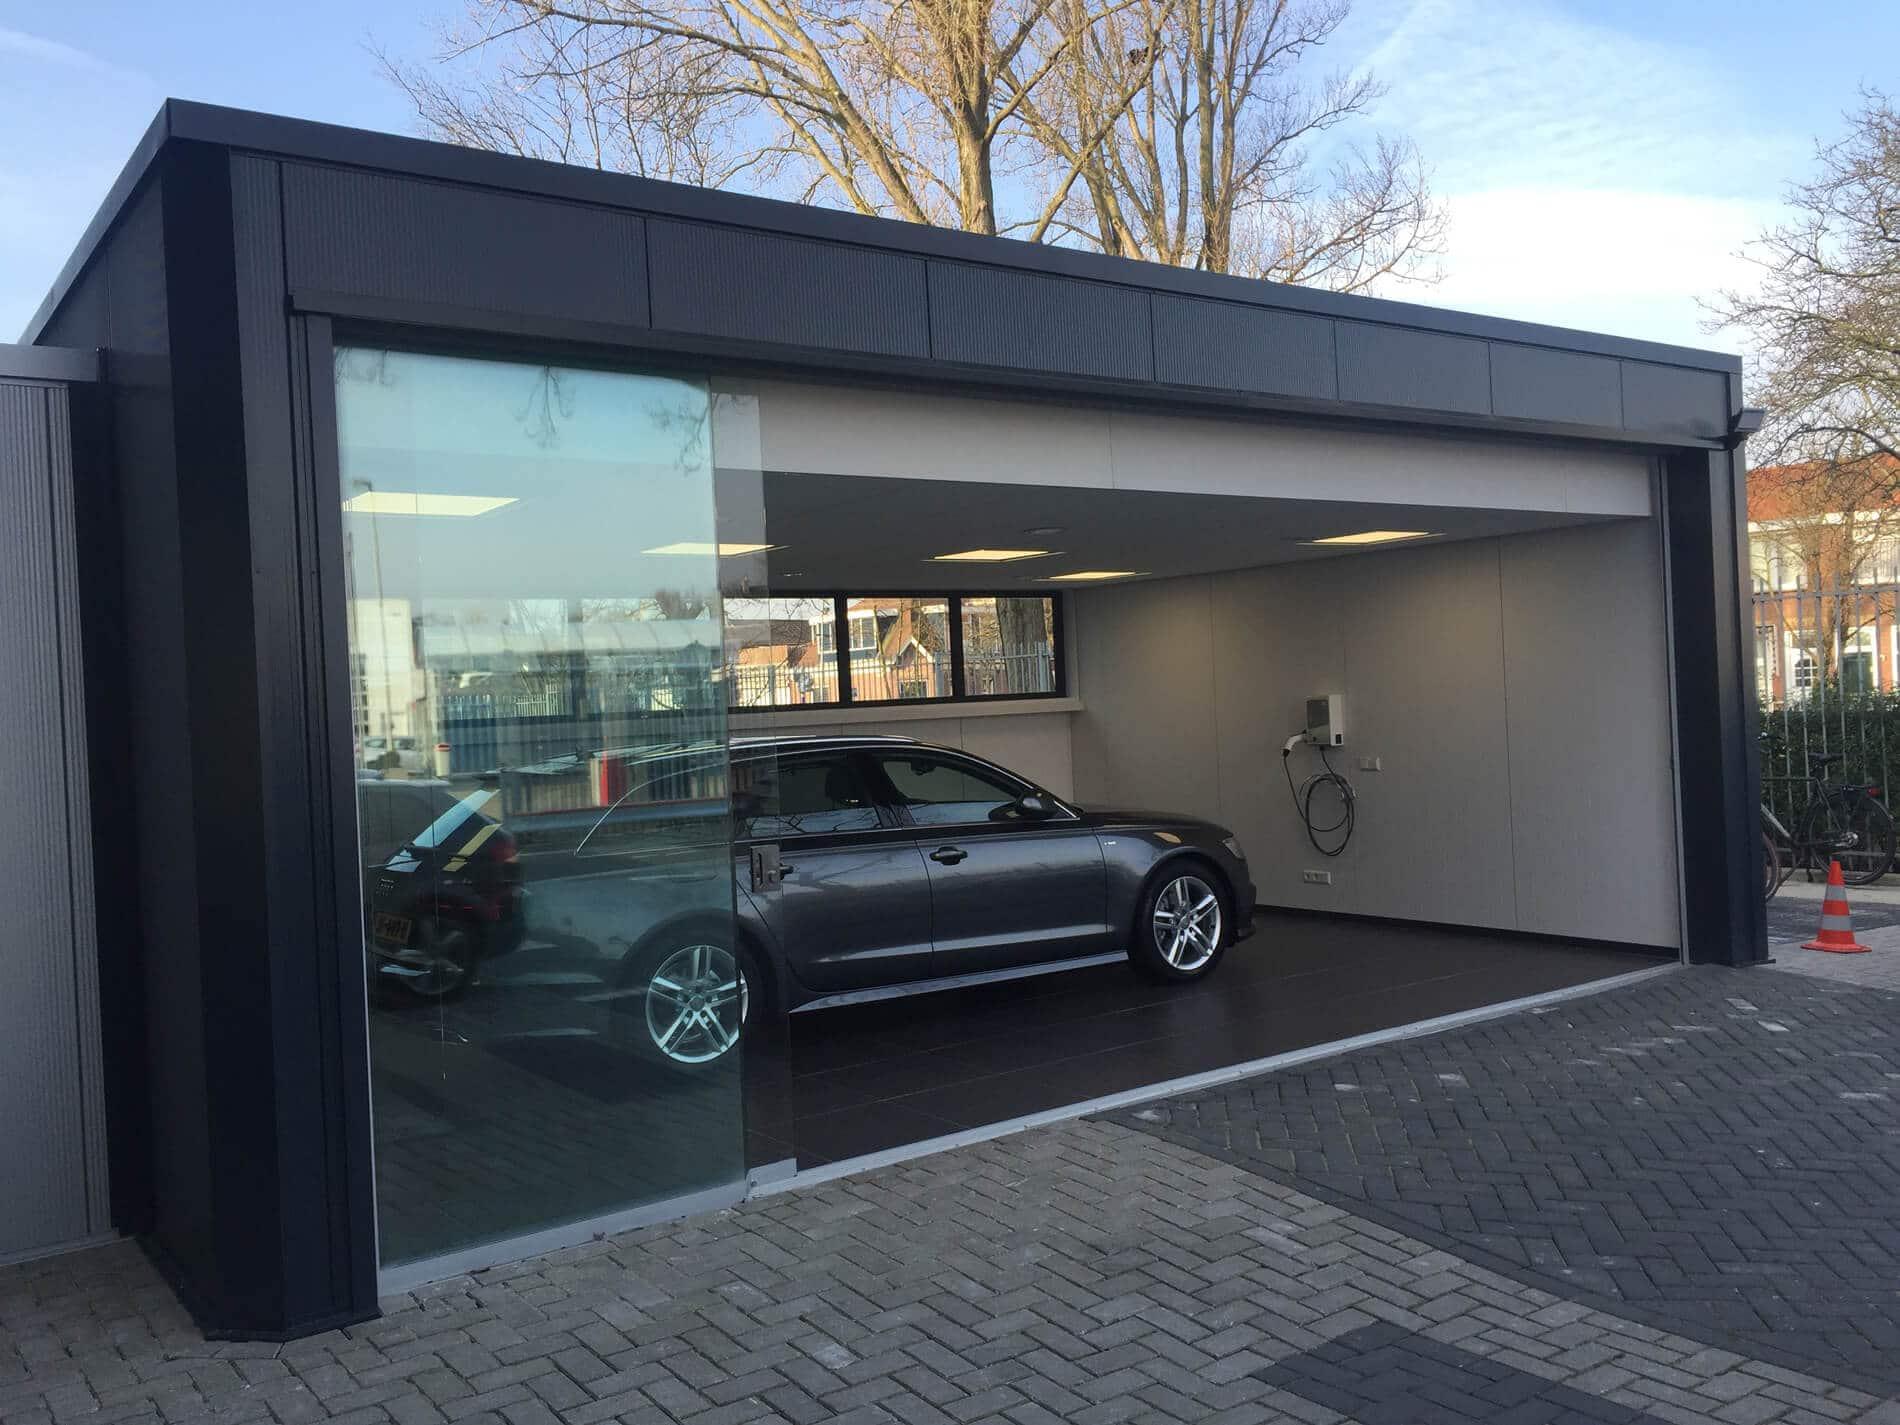 Glasschiebewand für Autogarage - Referenzen